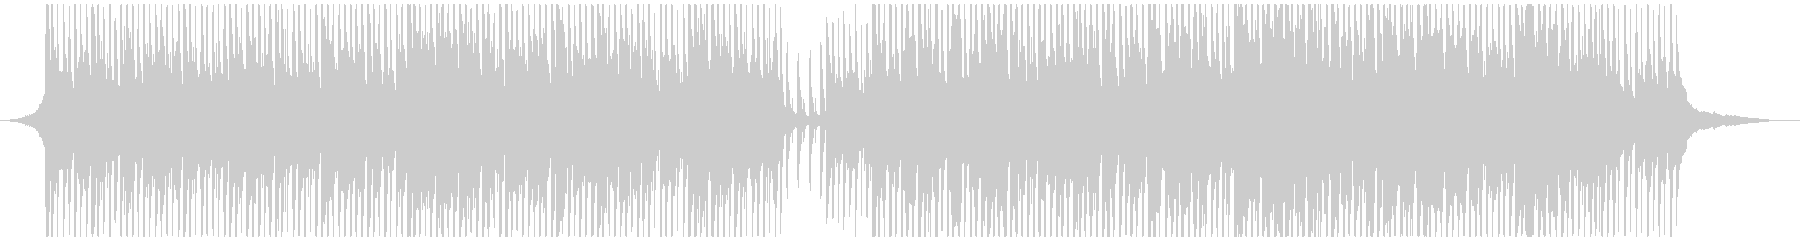 ノスタルジックな口笛メロディの曲の未再生の波形